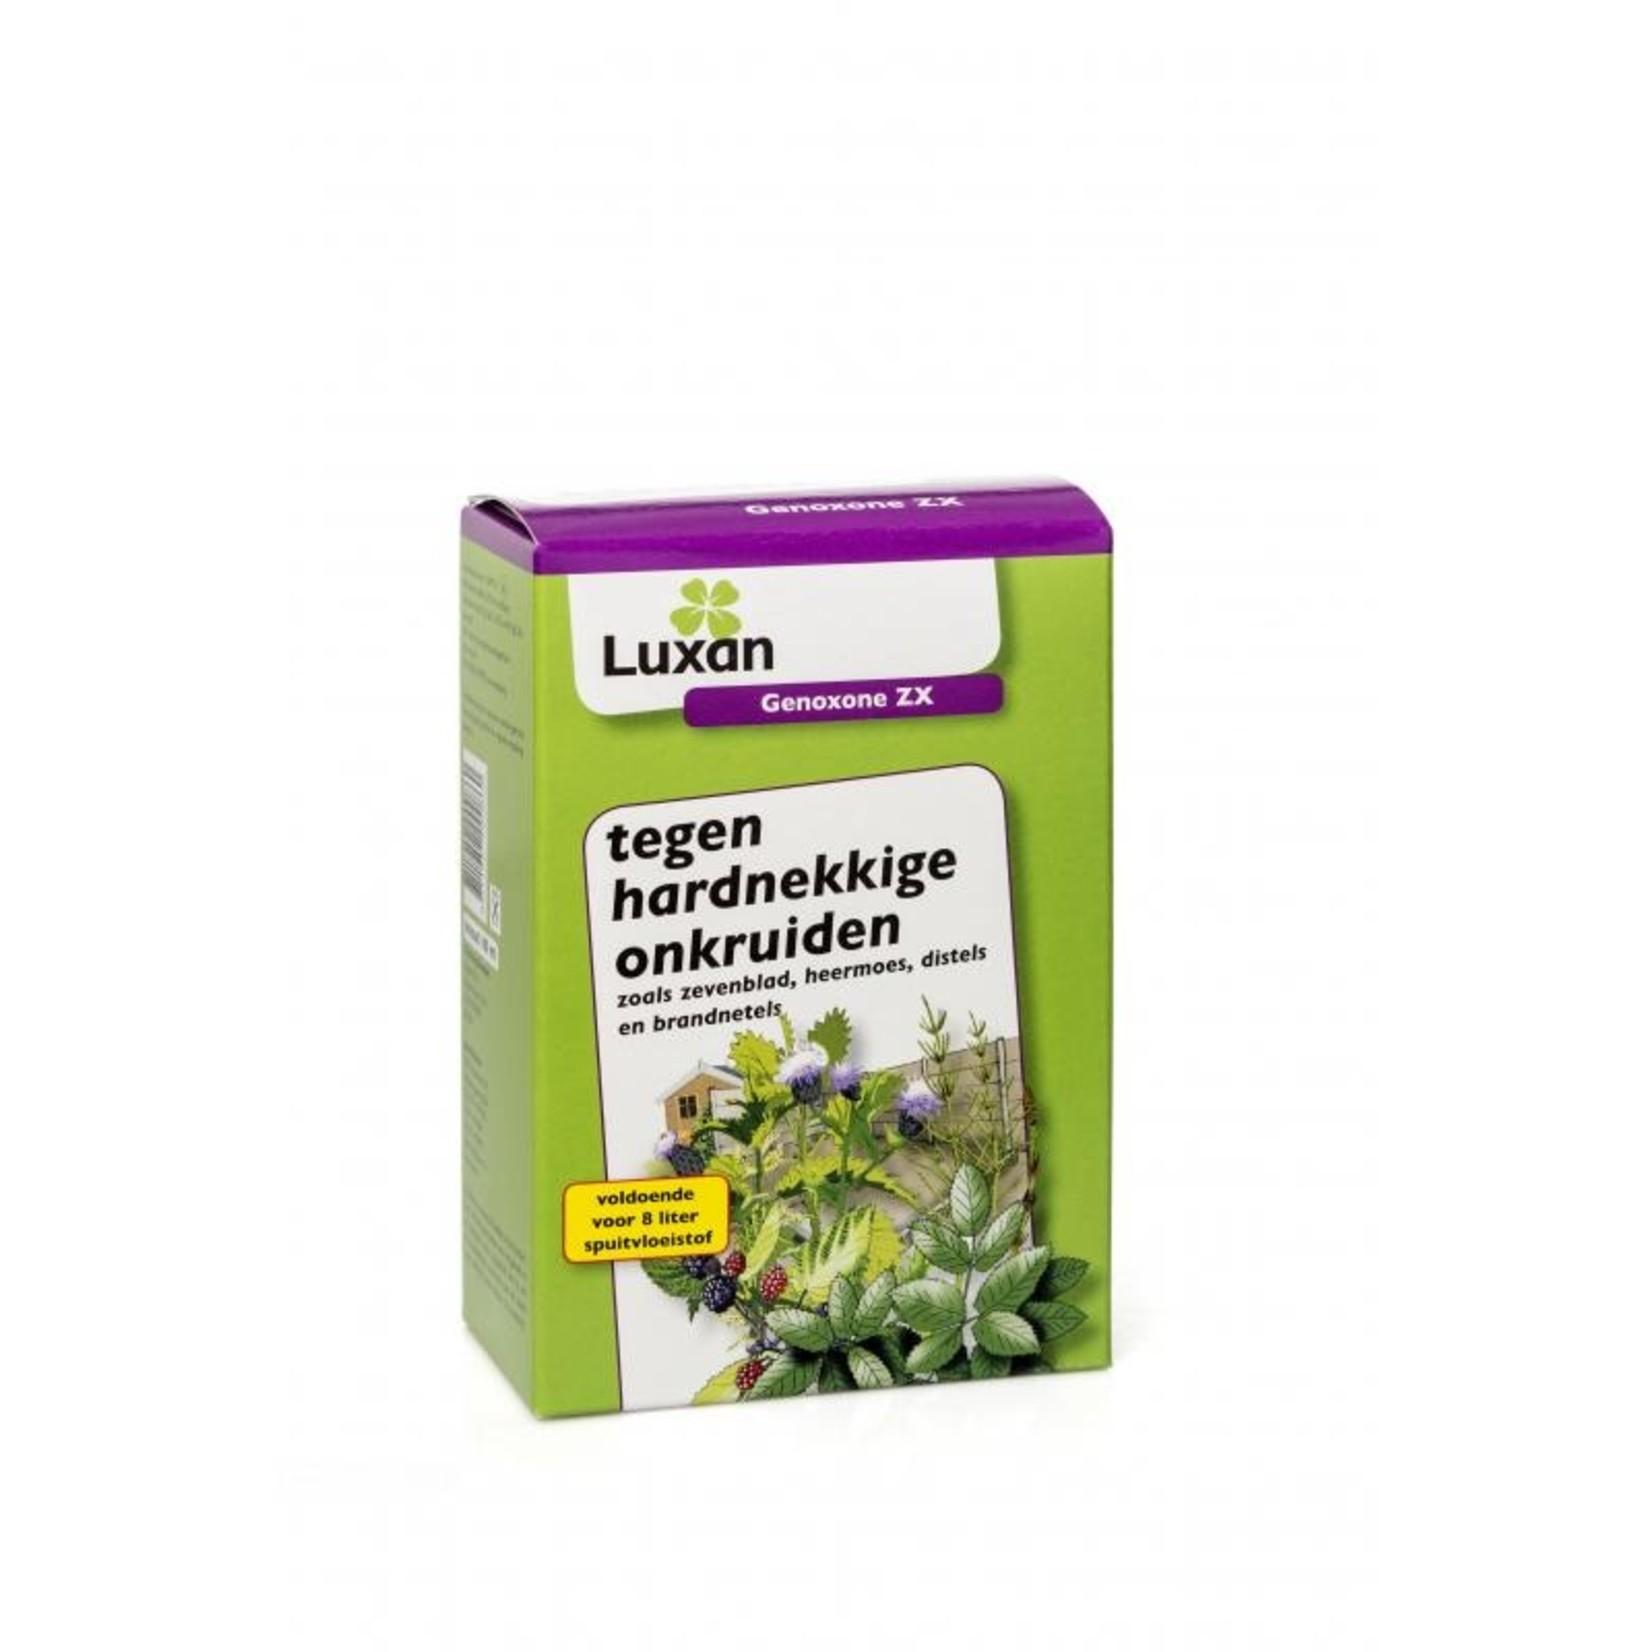 Luxan Genoxone ZX 100 ml (concentraat) tegen hardnekkige onkruiden